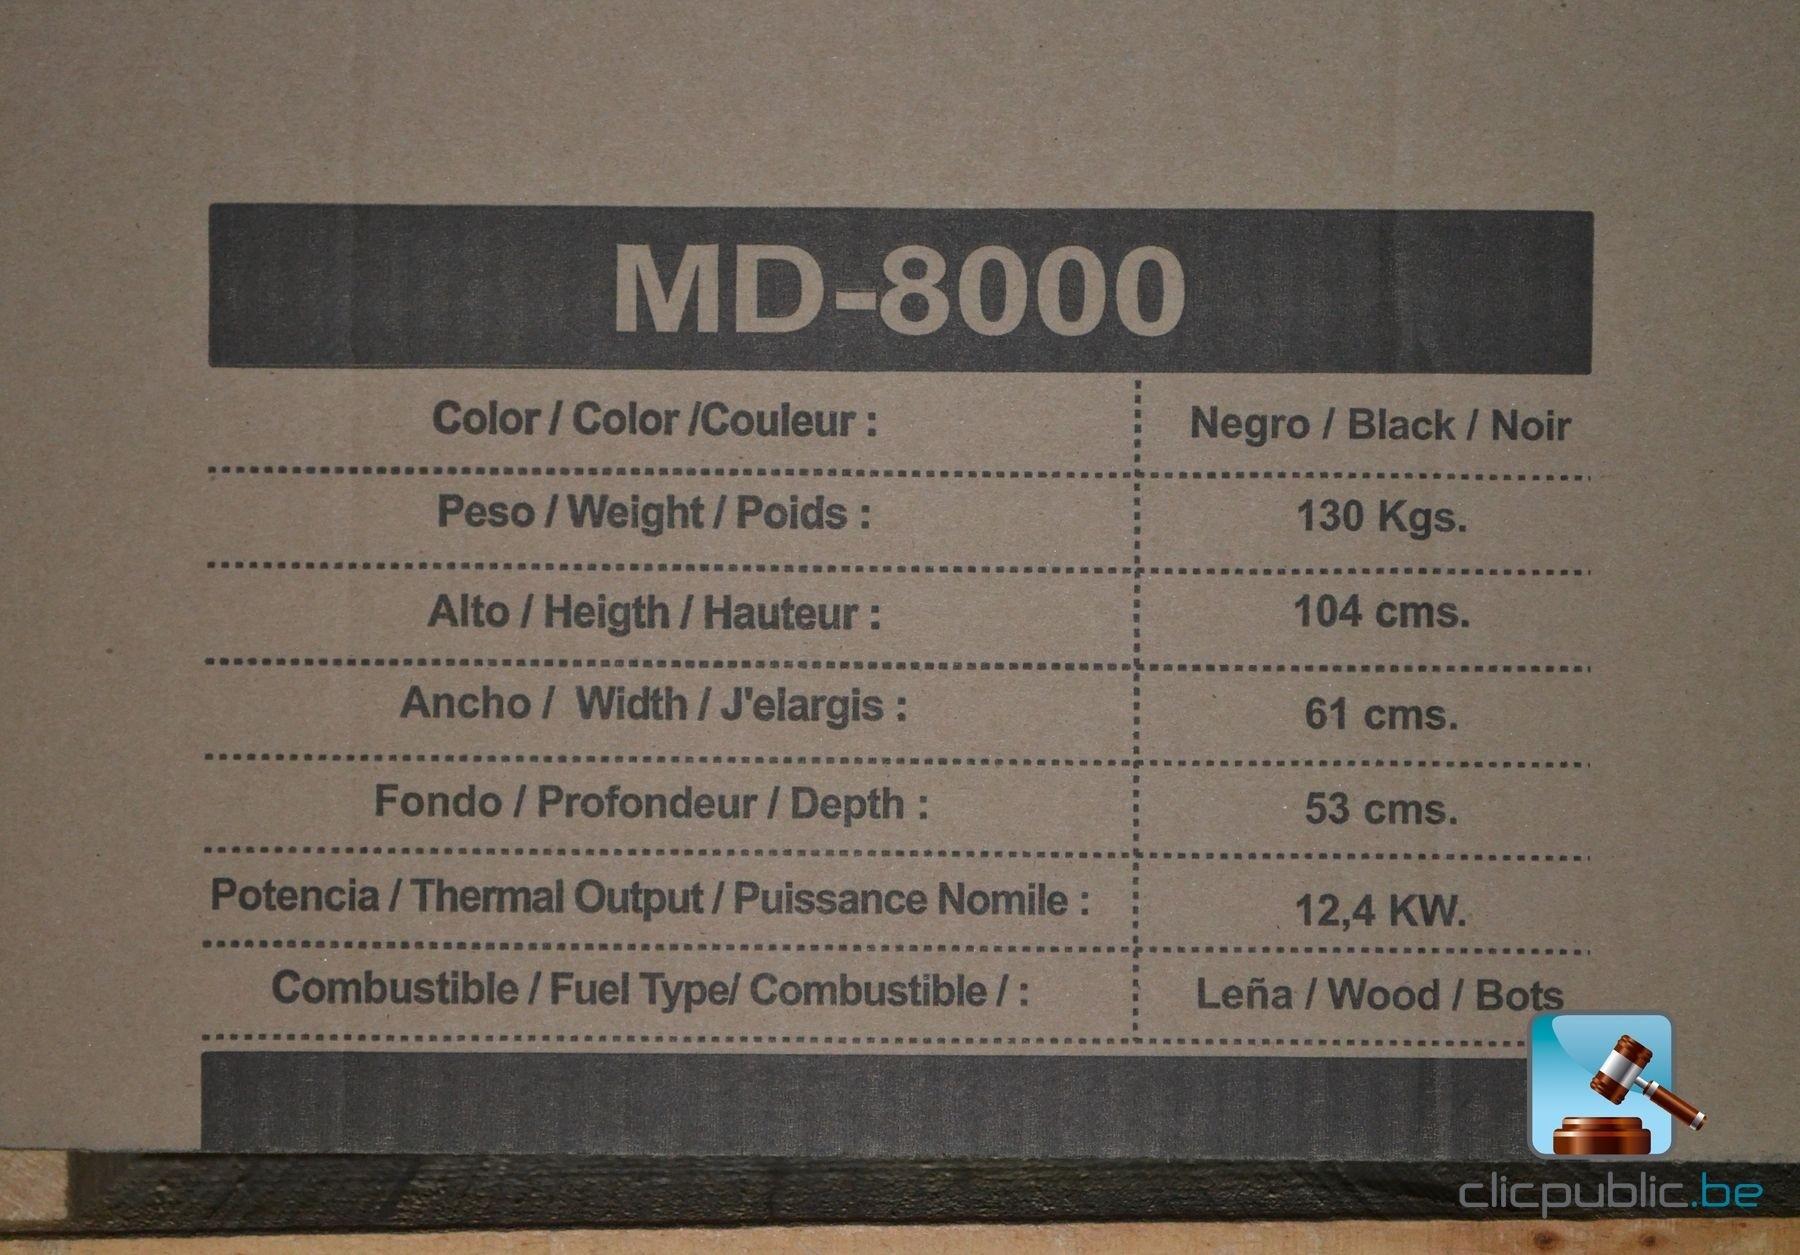 Poêle au bois ABE MD 8000 à vendre sur clicpublicbe